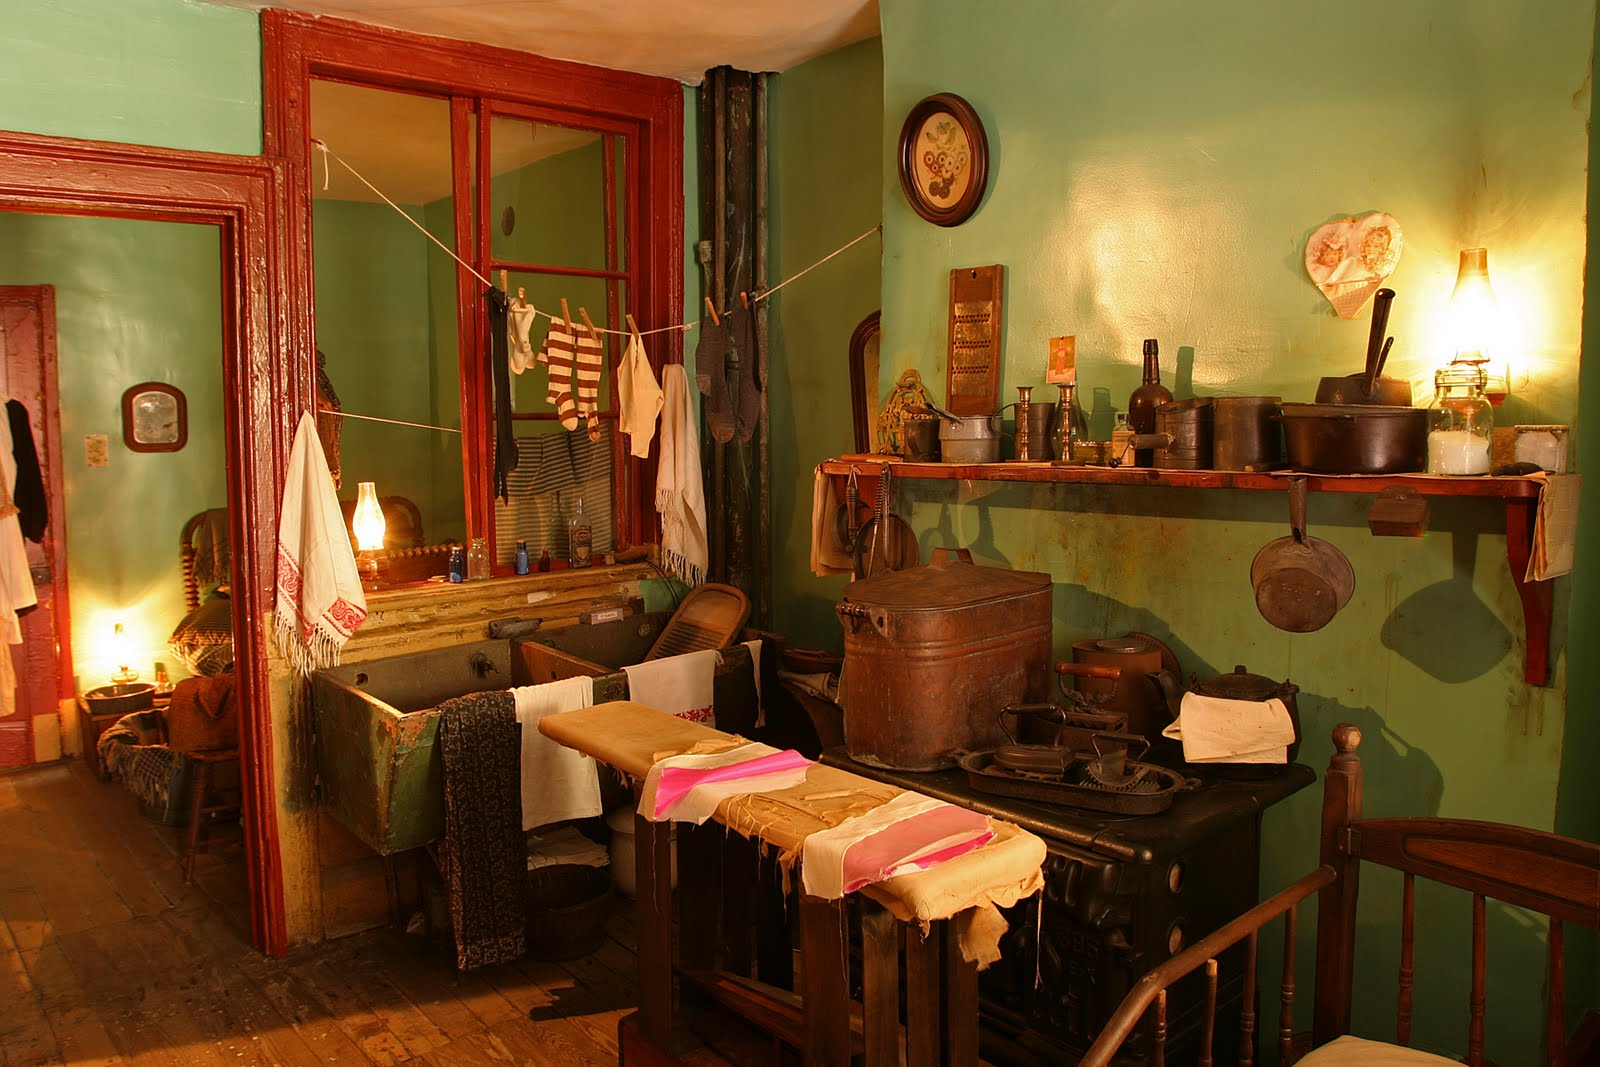 Tenement museum blog keeping kosher circa 1914 for Keeping a kosher kitchen